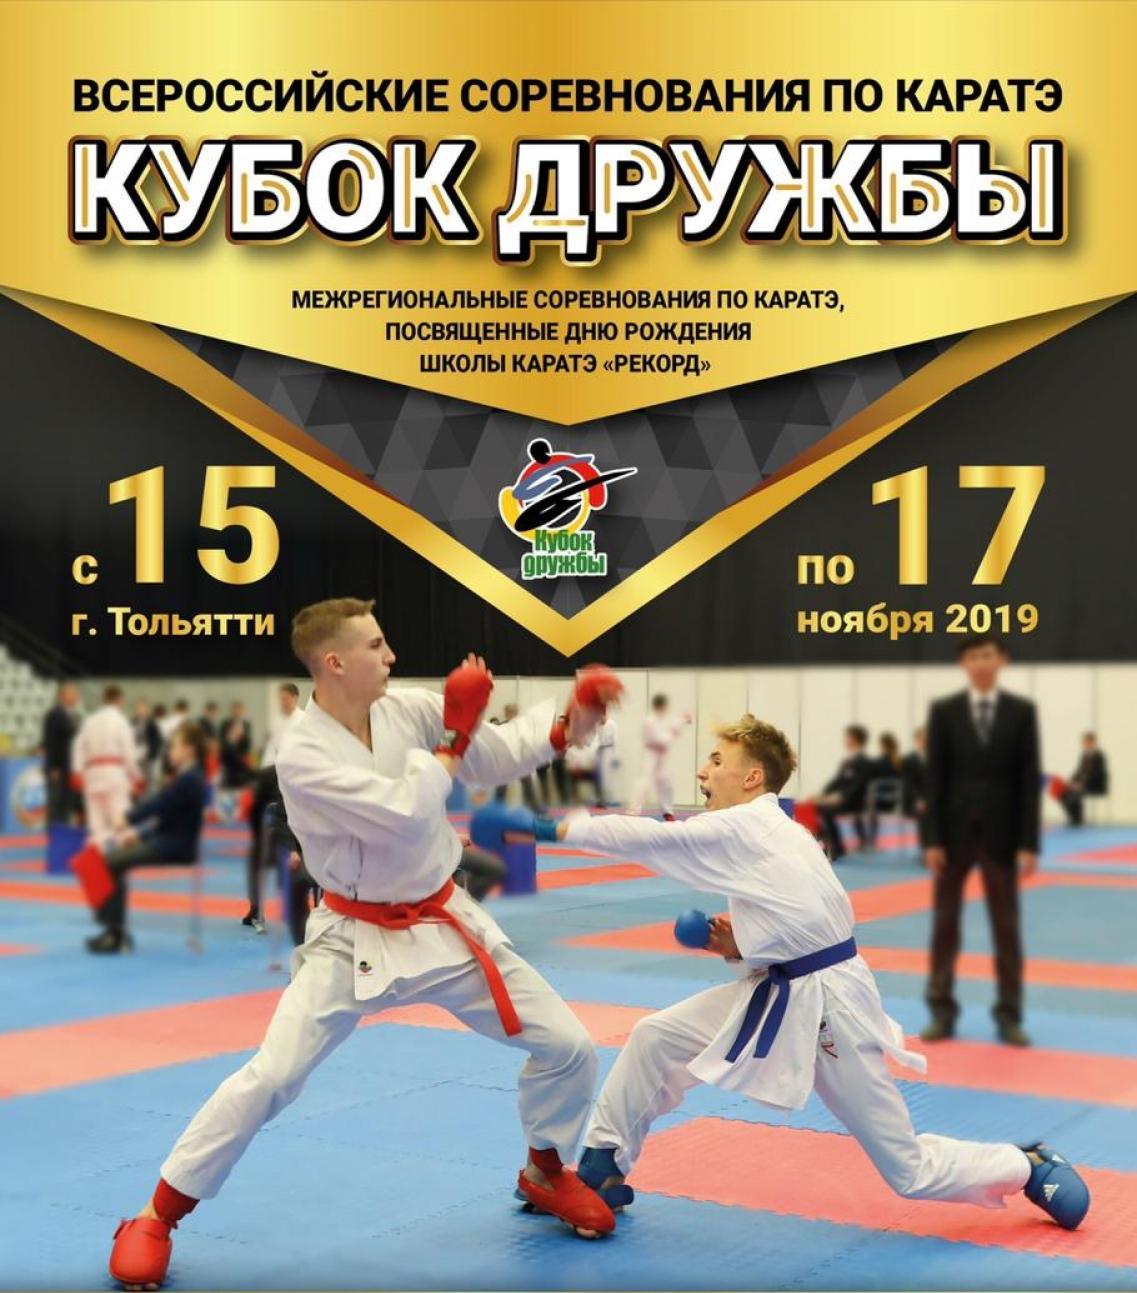 Всероссийские соревнования «Кубок Дружбы» по каратэ WTF